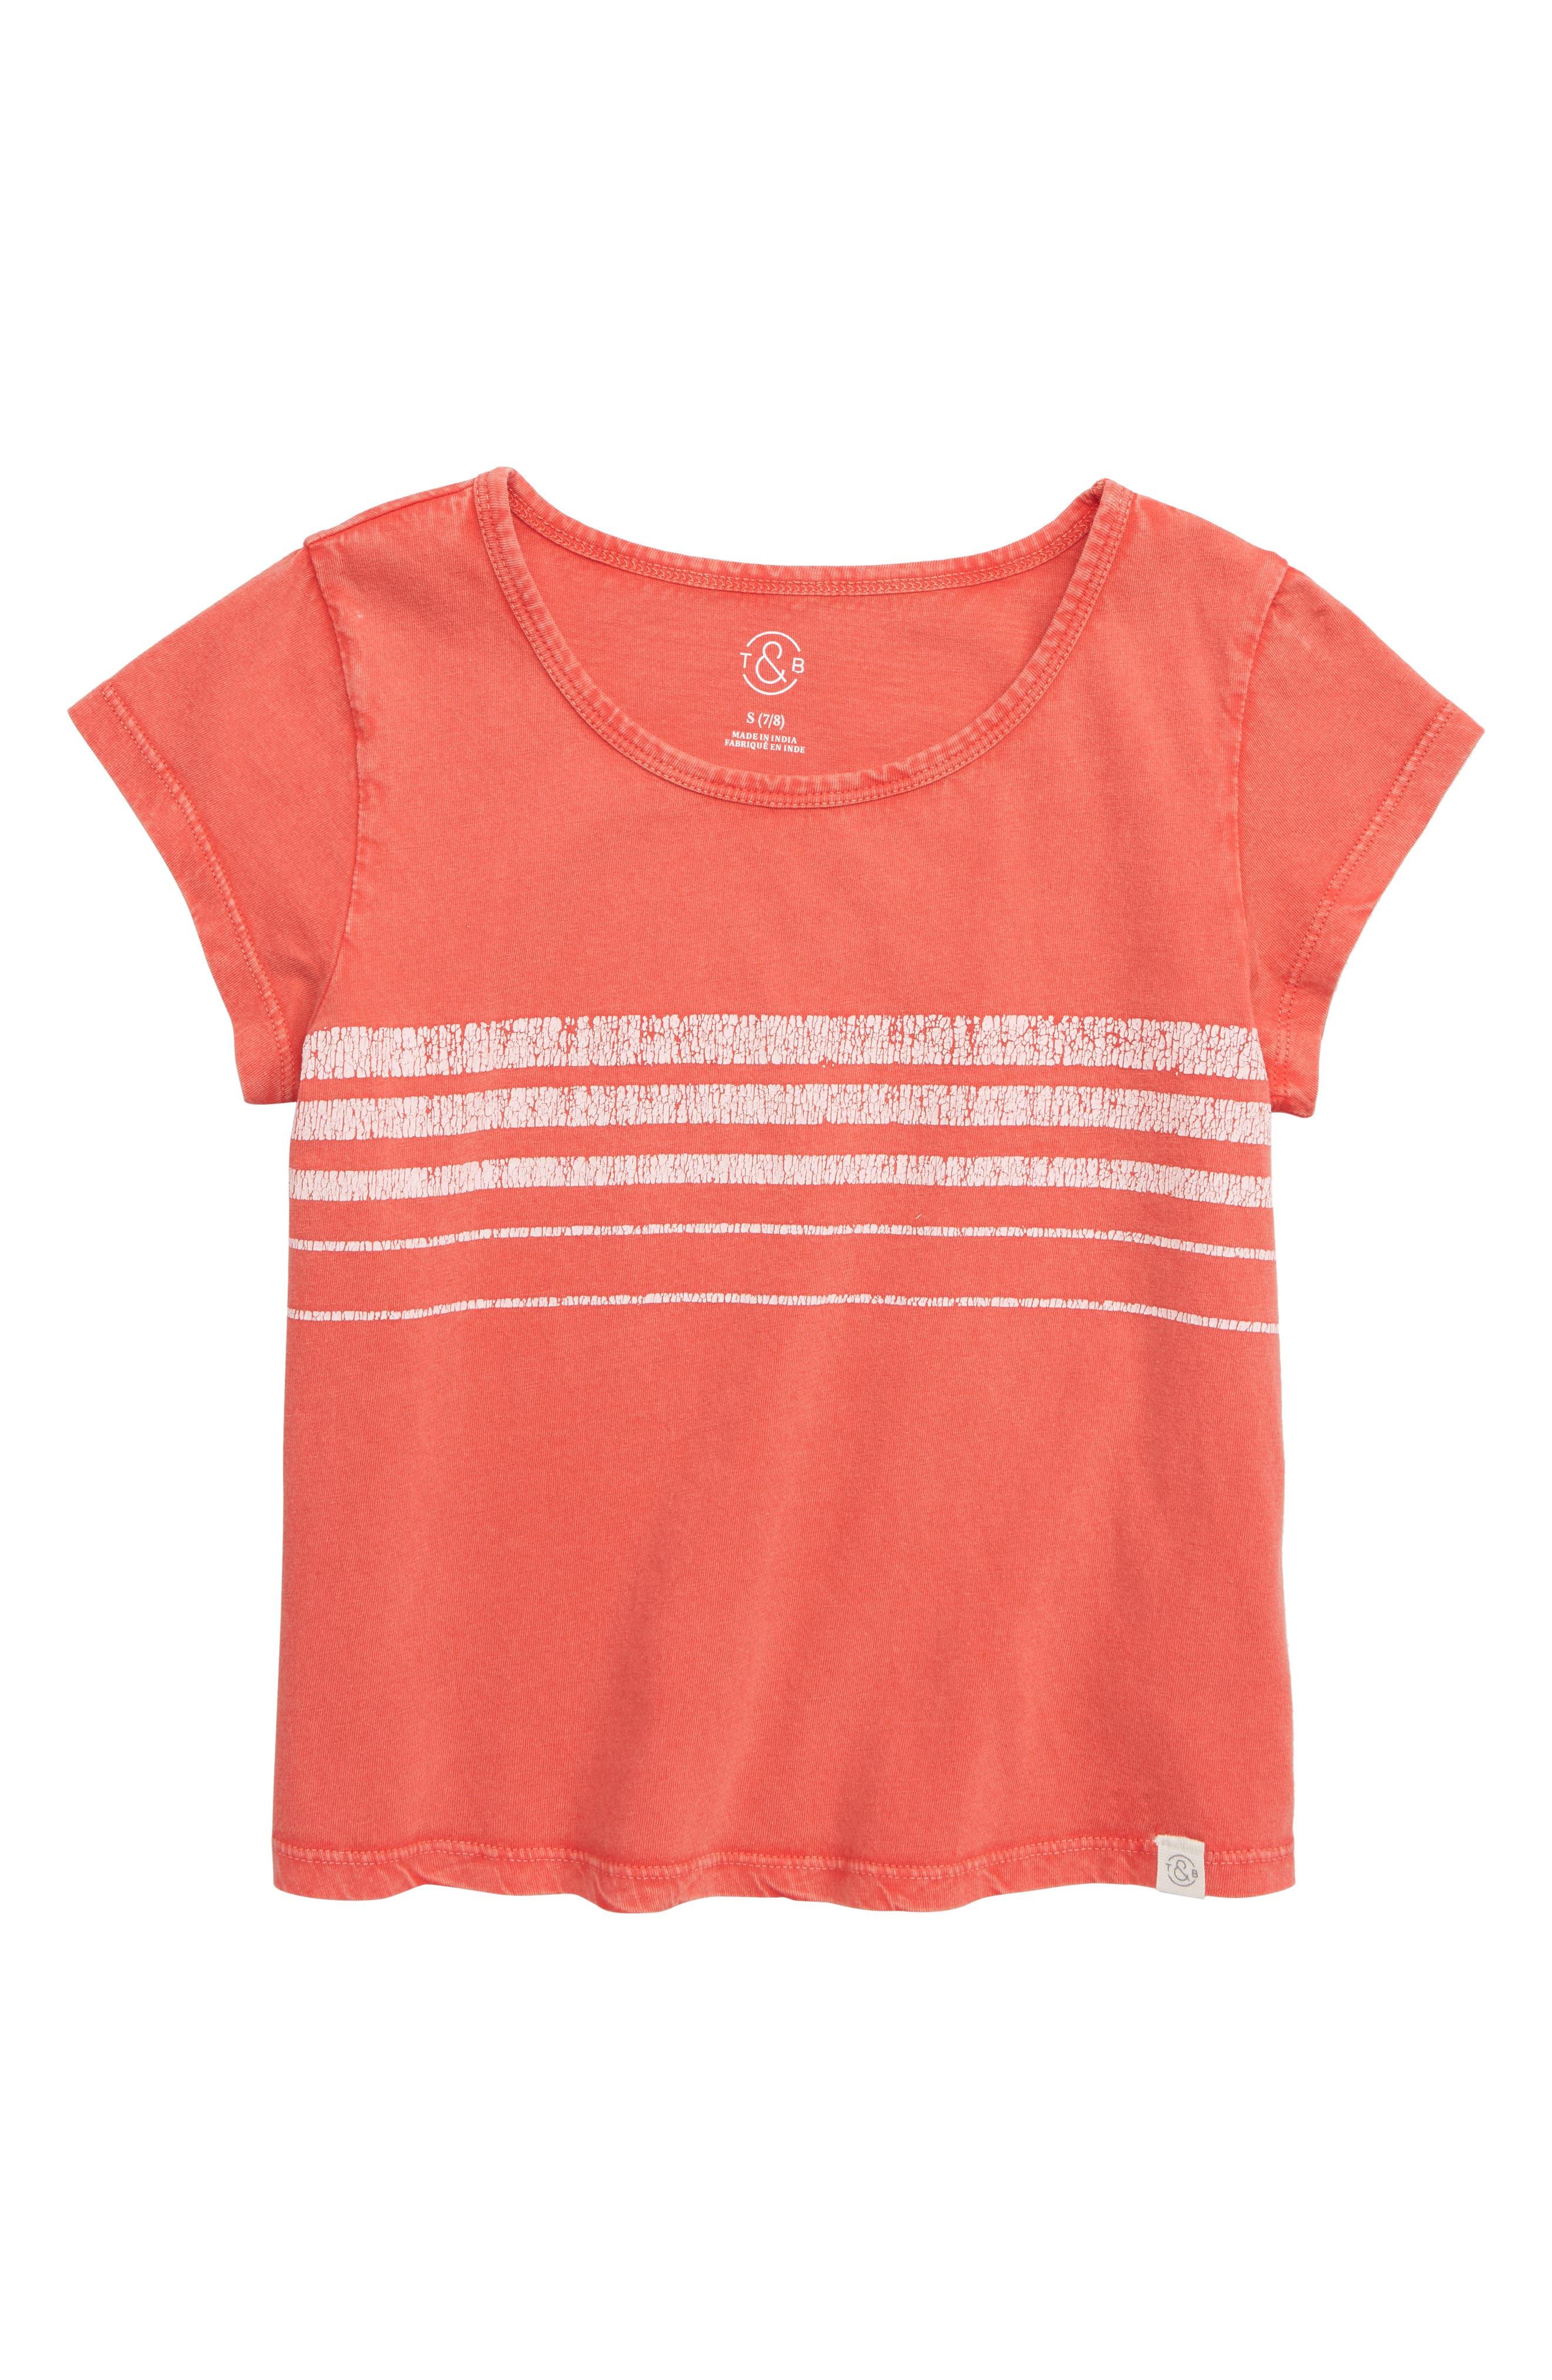 TREASURE & BOND Stripe Tee, Main, color, RED BITTERSWEET